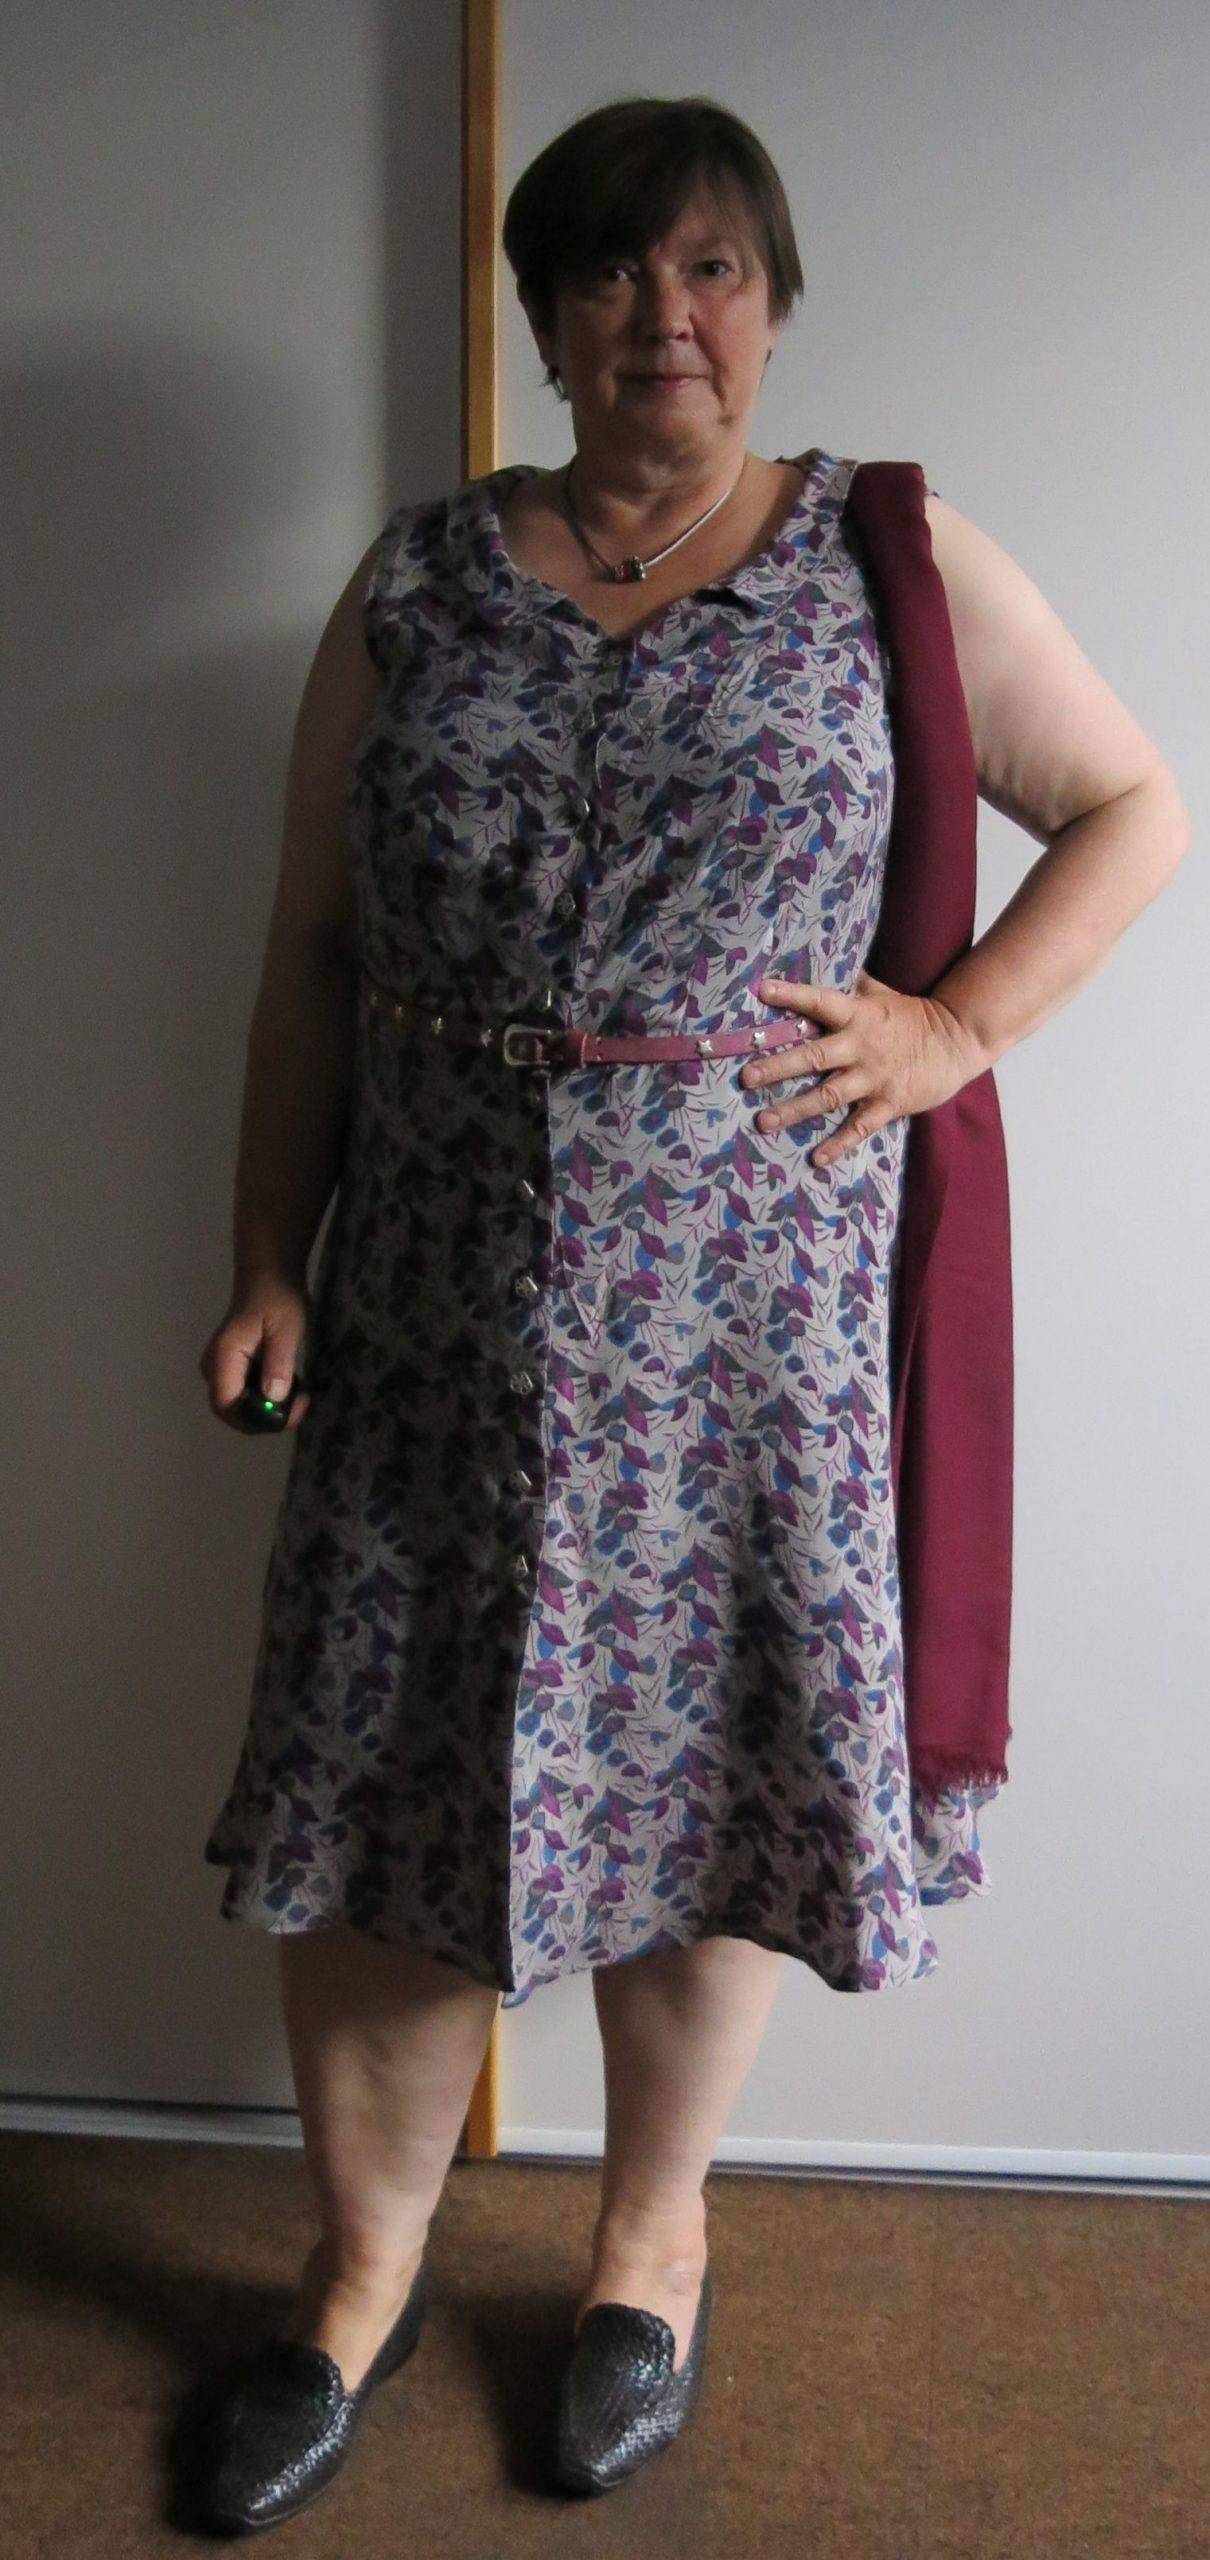 15 Leicht Schöne Kleider Für Ältere Damen Boutique Coolste Schöne Kleider Für Ältere Damen Galerie